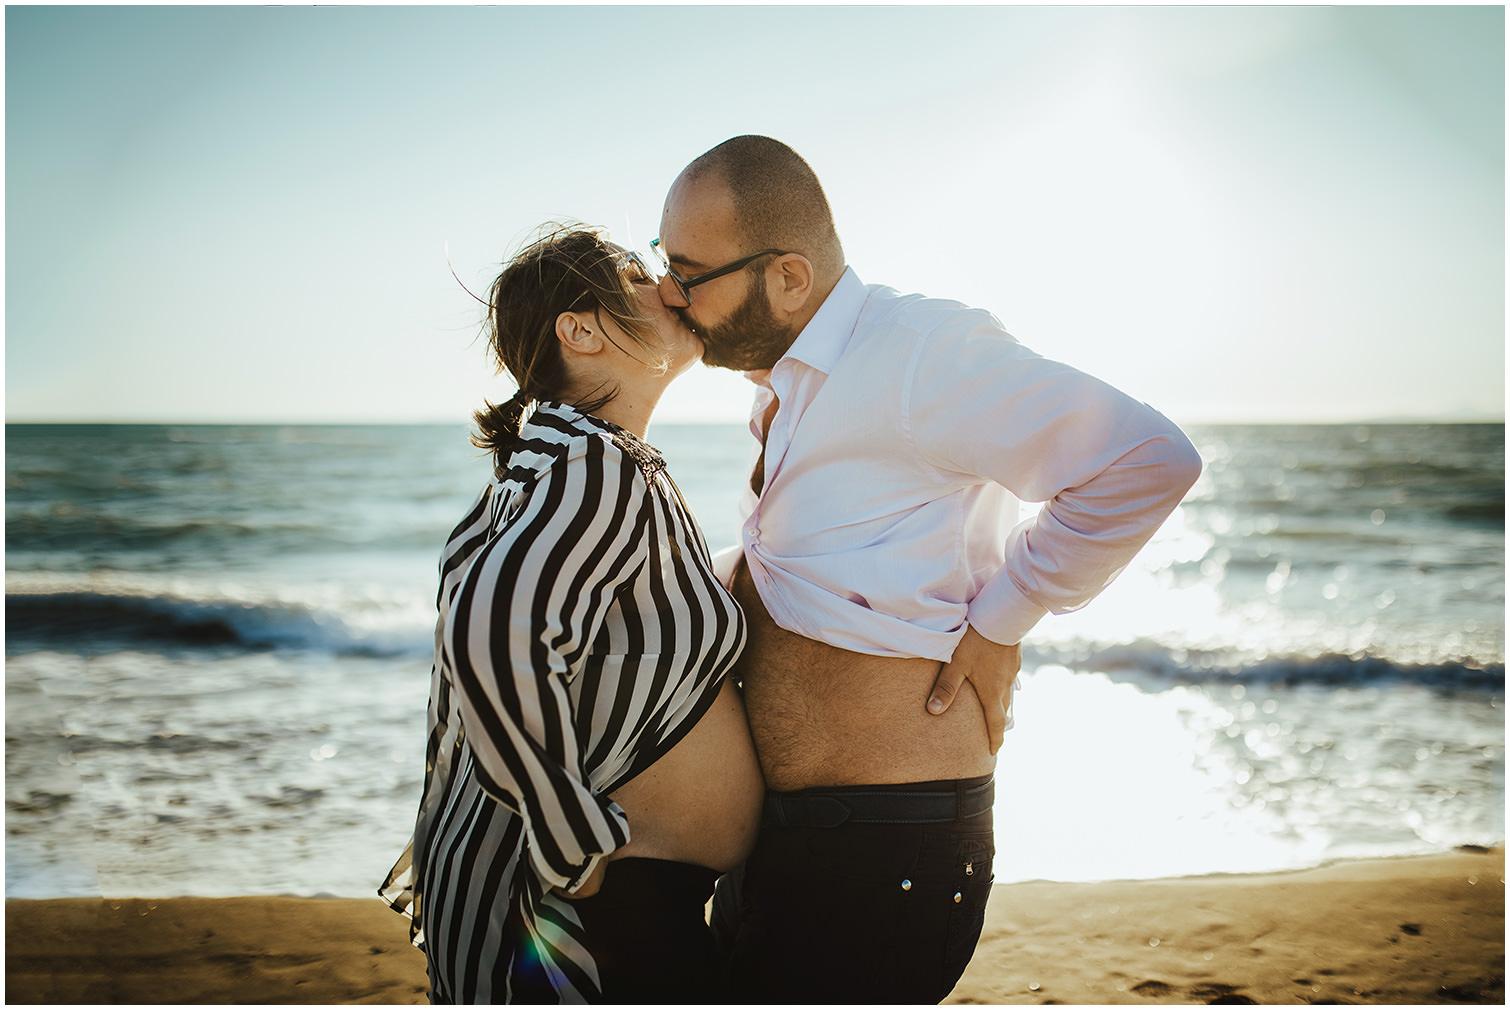 rosi-miche-maternity-session-sara-lorenzoni-fotografia-arezzo-grosseto-fotografo-matrimonio-19